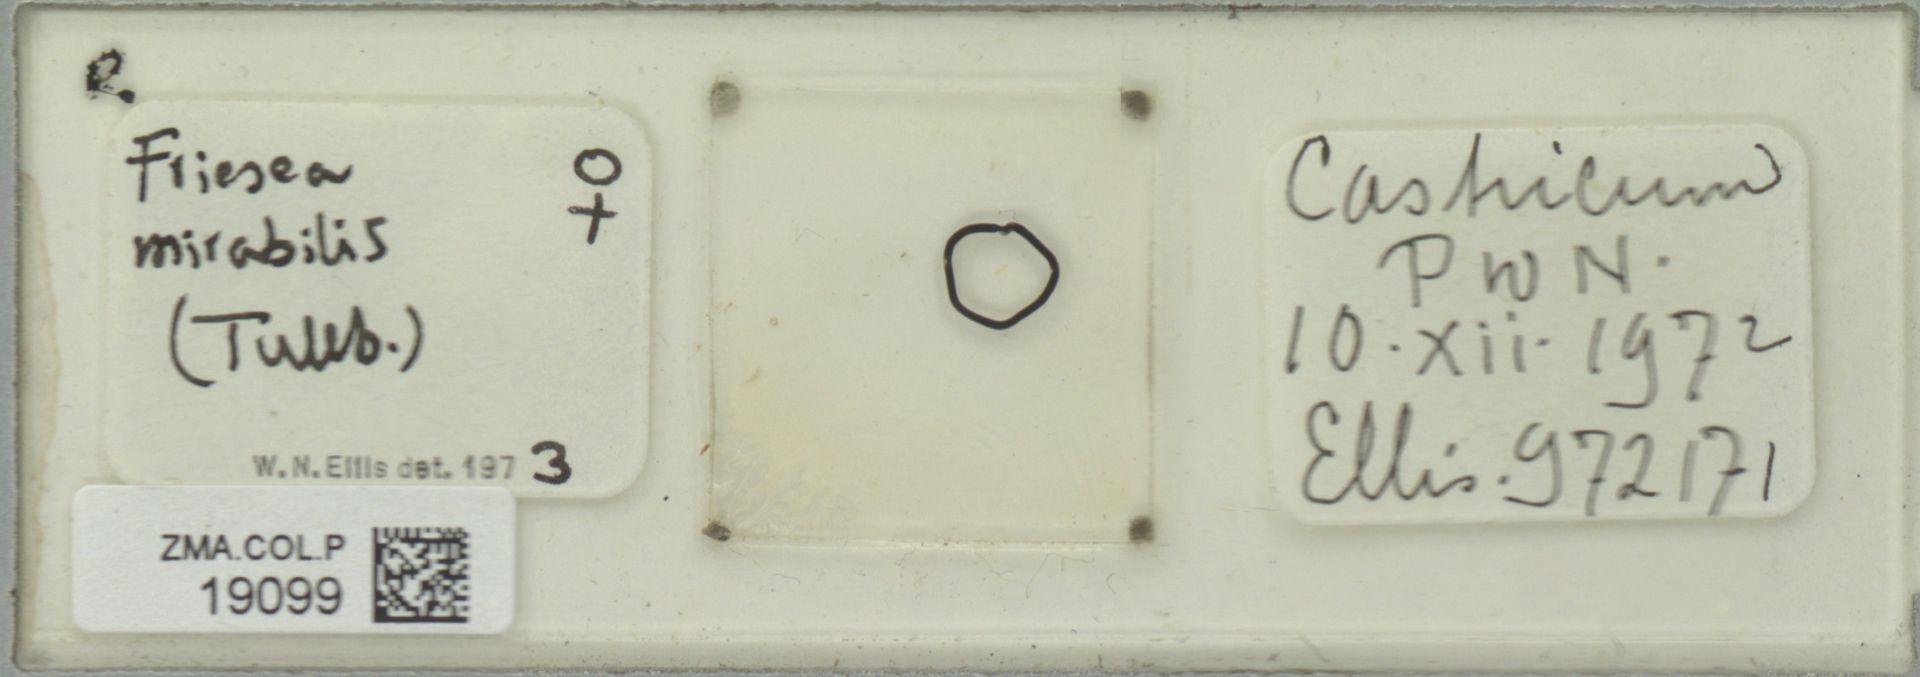 ZMA.COL.P.19099 | Friesea mirabilis (Tullb.)